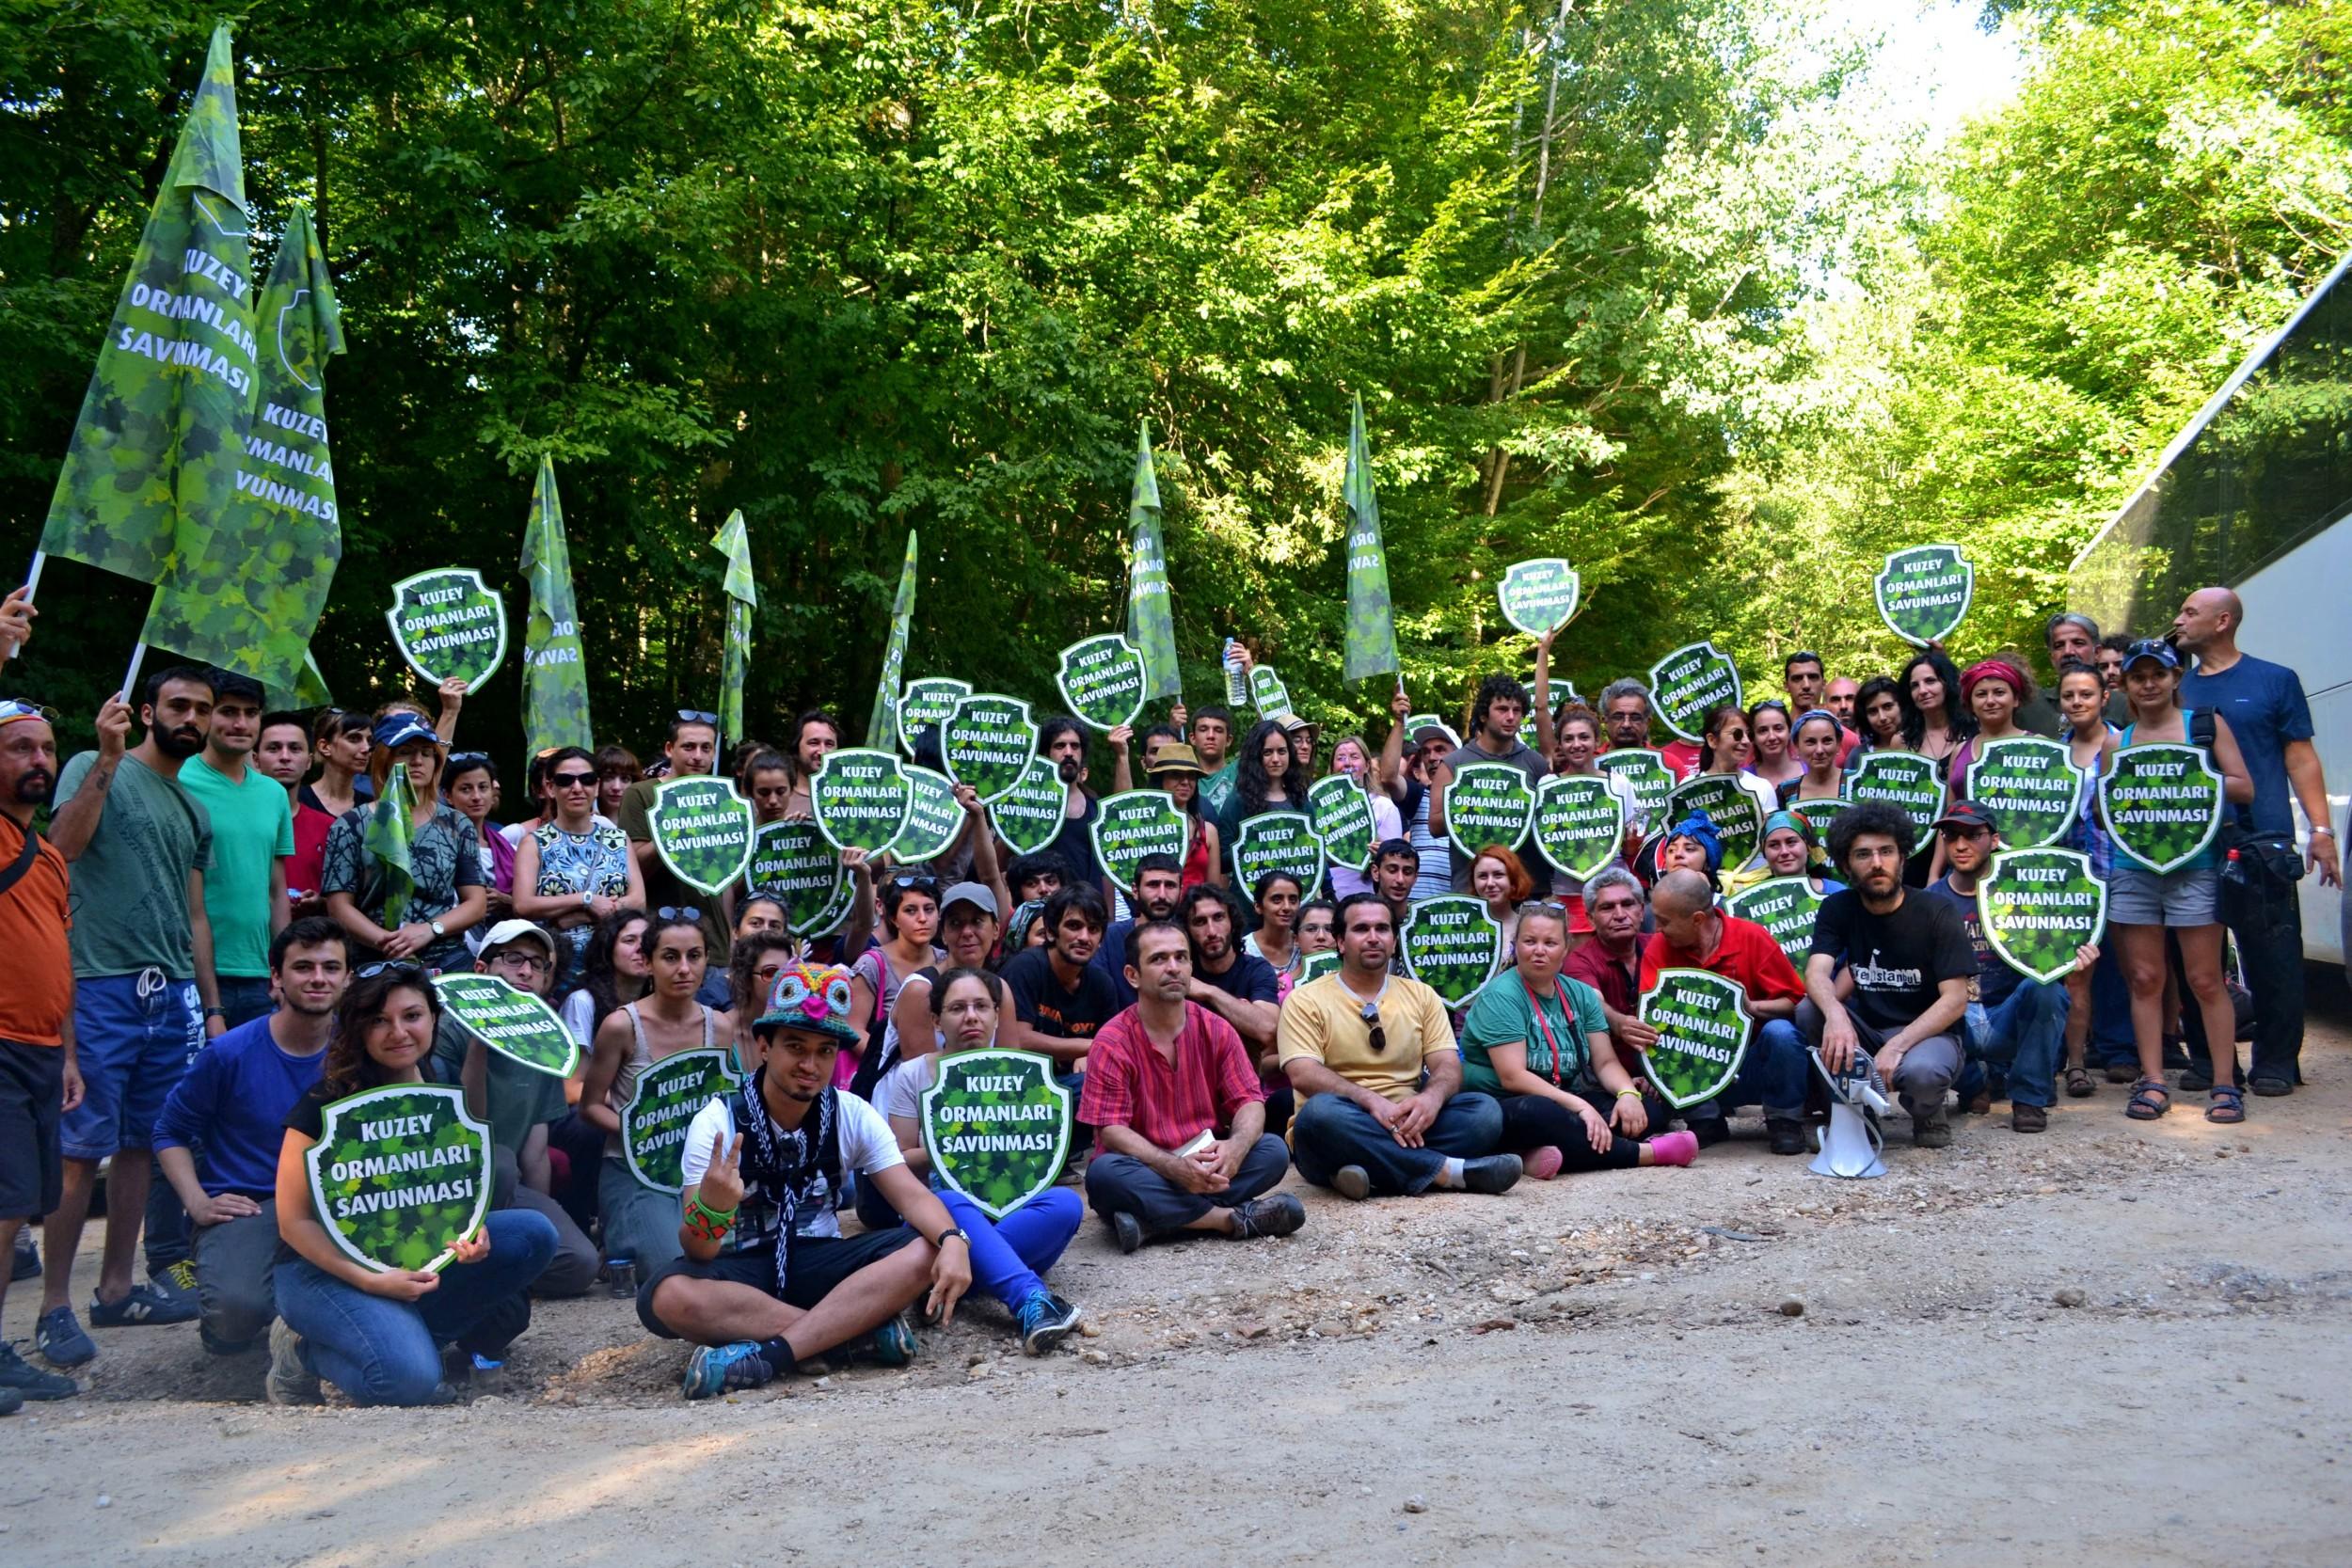 İMC Yeşil Bülten : Kuzey Ormanlarını Savunmaya İğneada'ya